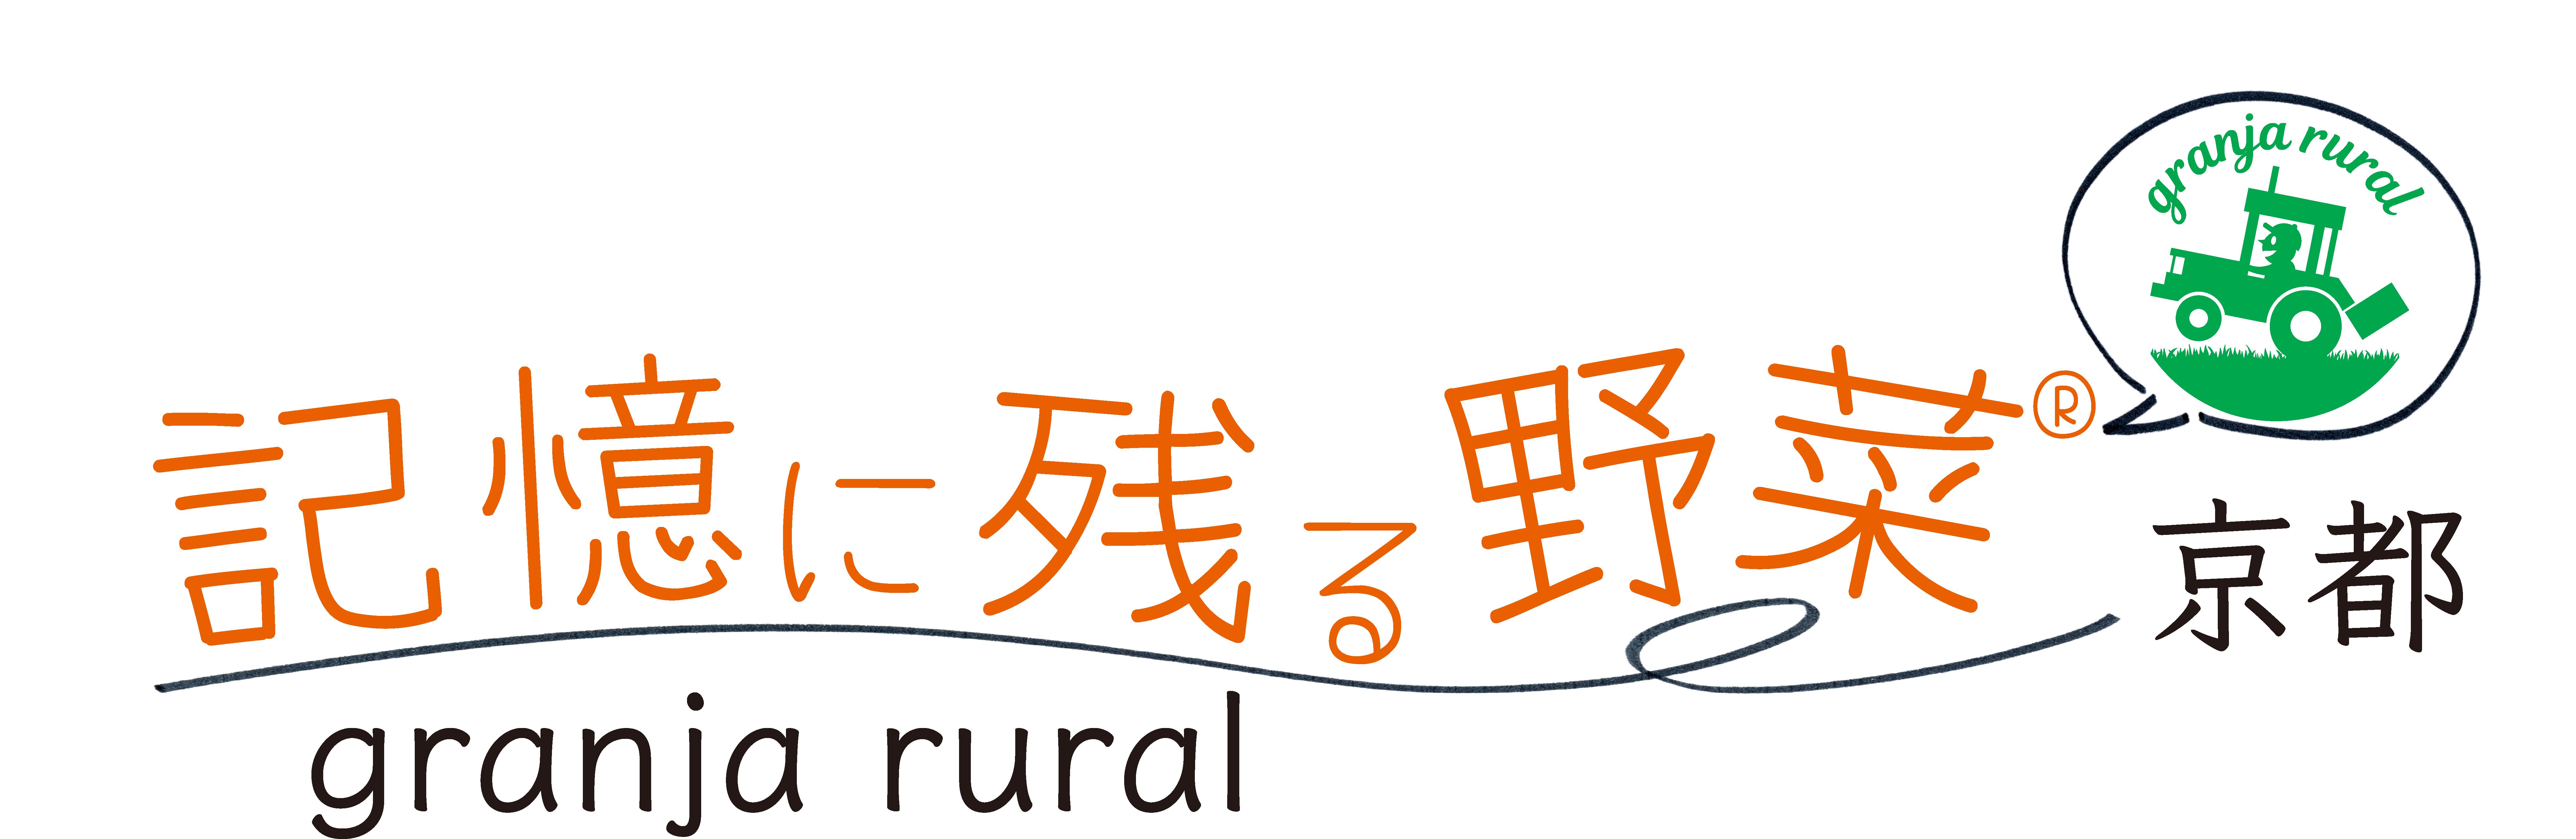 granja rural